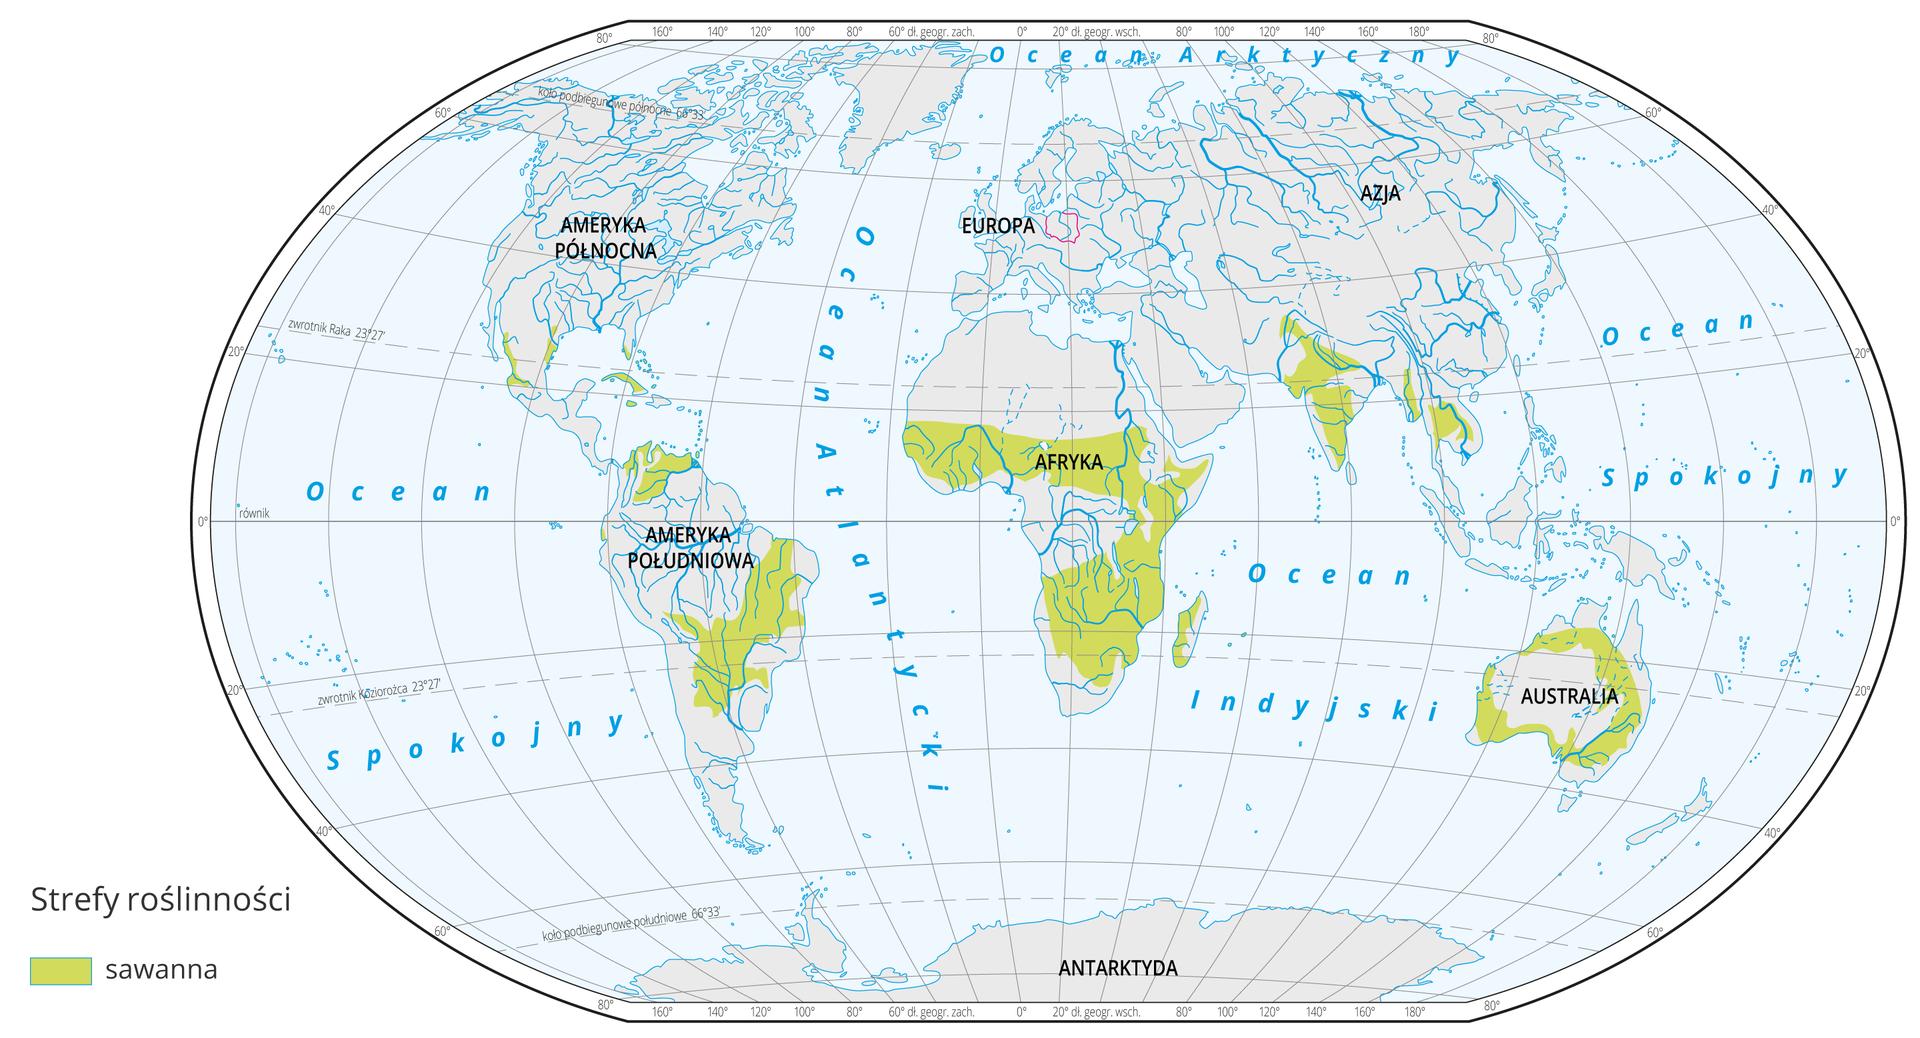 Mapa świata prezentuje występowanie sawanny na Ziemi. Sawannę oznaczono kolorem zielonym na mapie. Sawanna występują w: Afryce na północ ina południe od lasów równikowych. Ameryce Południowej na północ ipołudnie od Amazonii, Ameryce północnej na pograniczu Meksyku ipołudniowych krańcach USA, środkowych Indiach ipółnocno-wschodniej Australii.